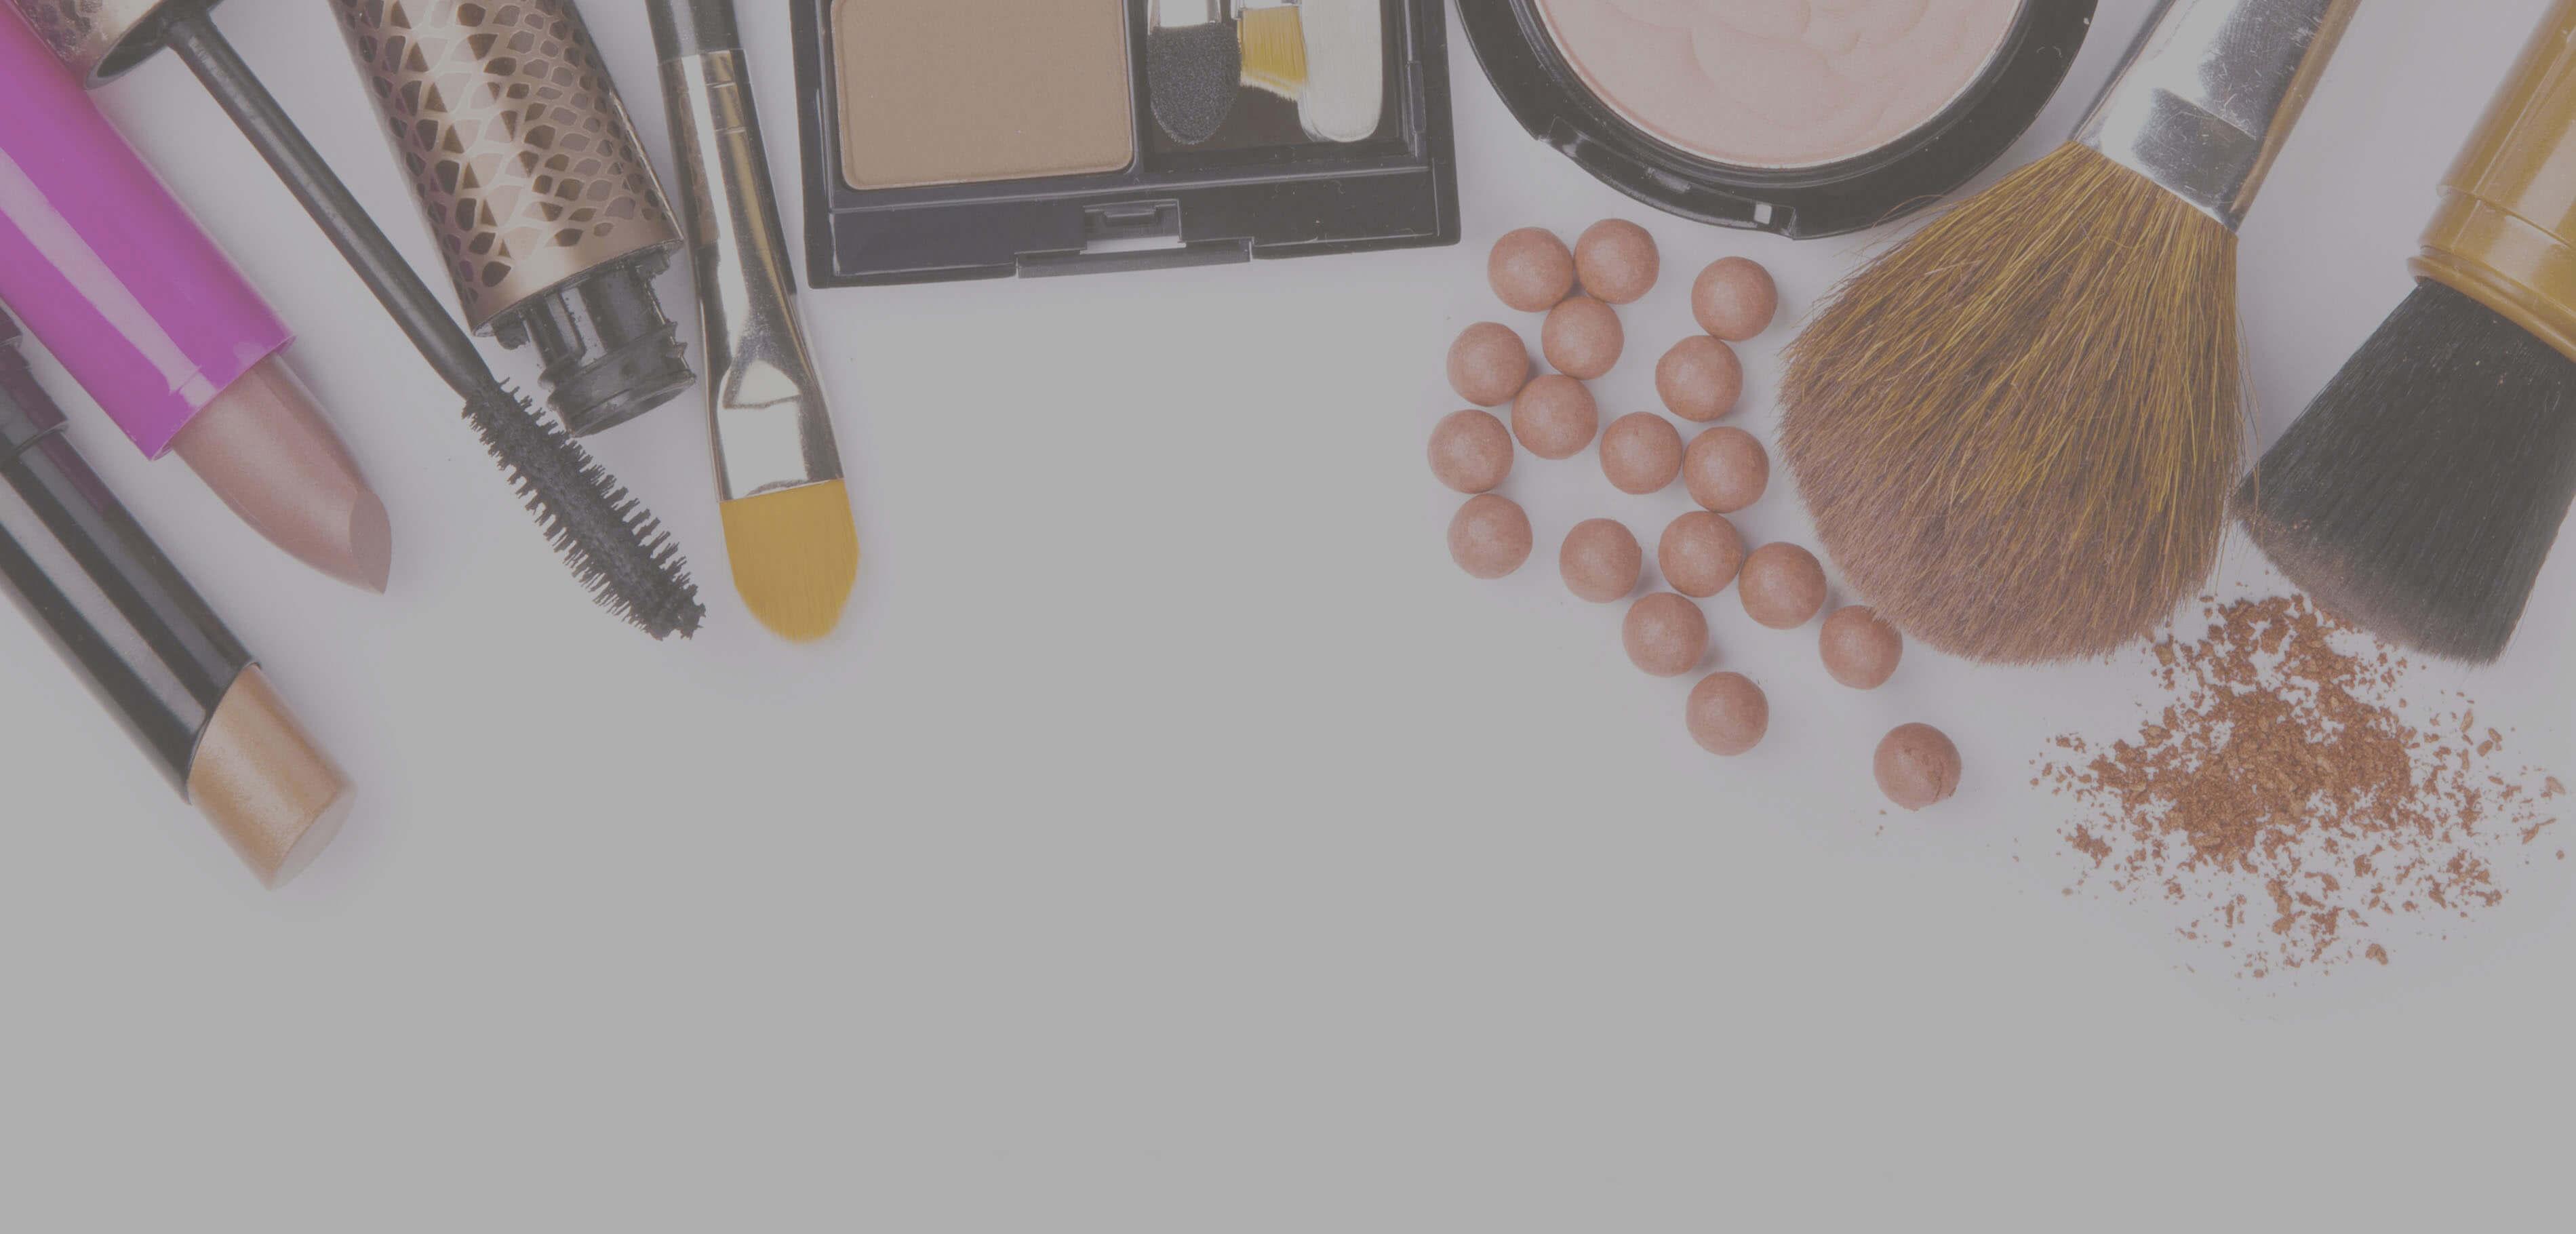 App de perfumes y cosméticos urCollection para gestionar la documentación y catálogos de los equipos comerciales